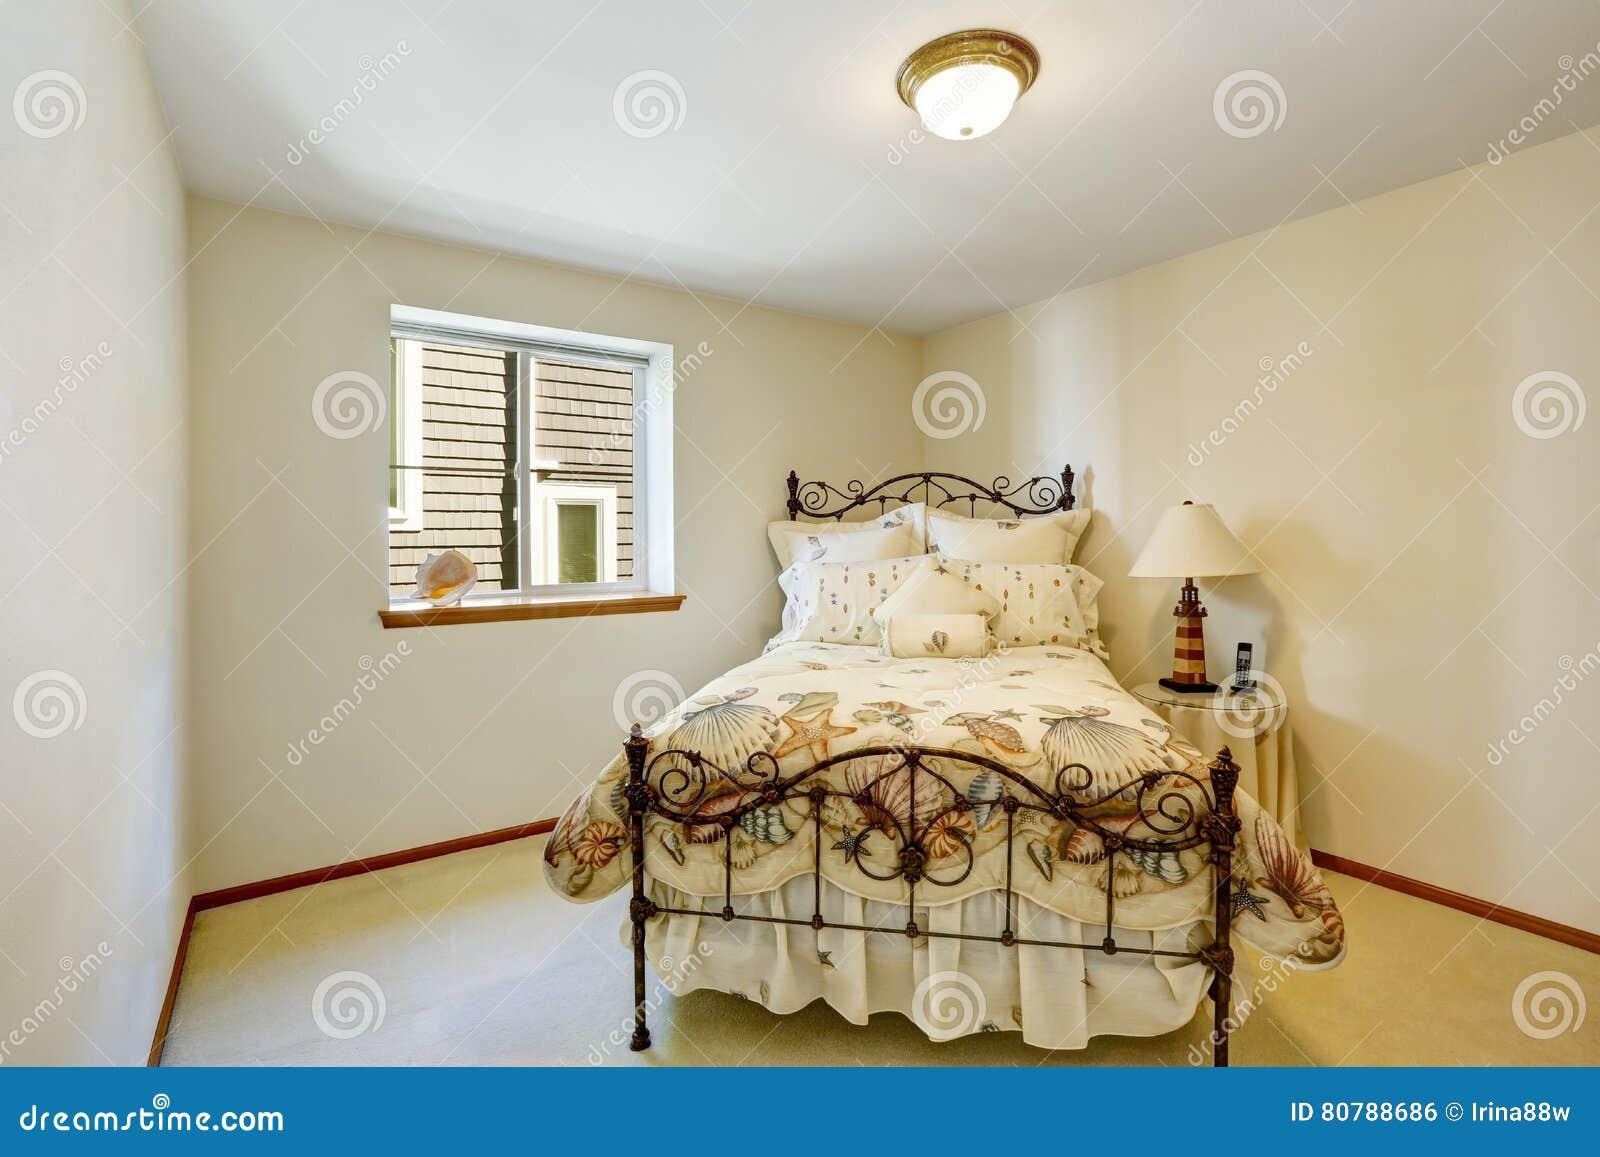 Mała Biała Sypialnia Z żelazną łóżka I żołnierza Piechoty